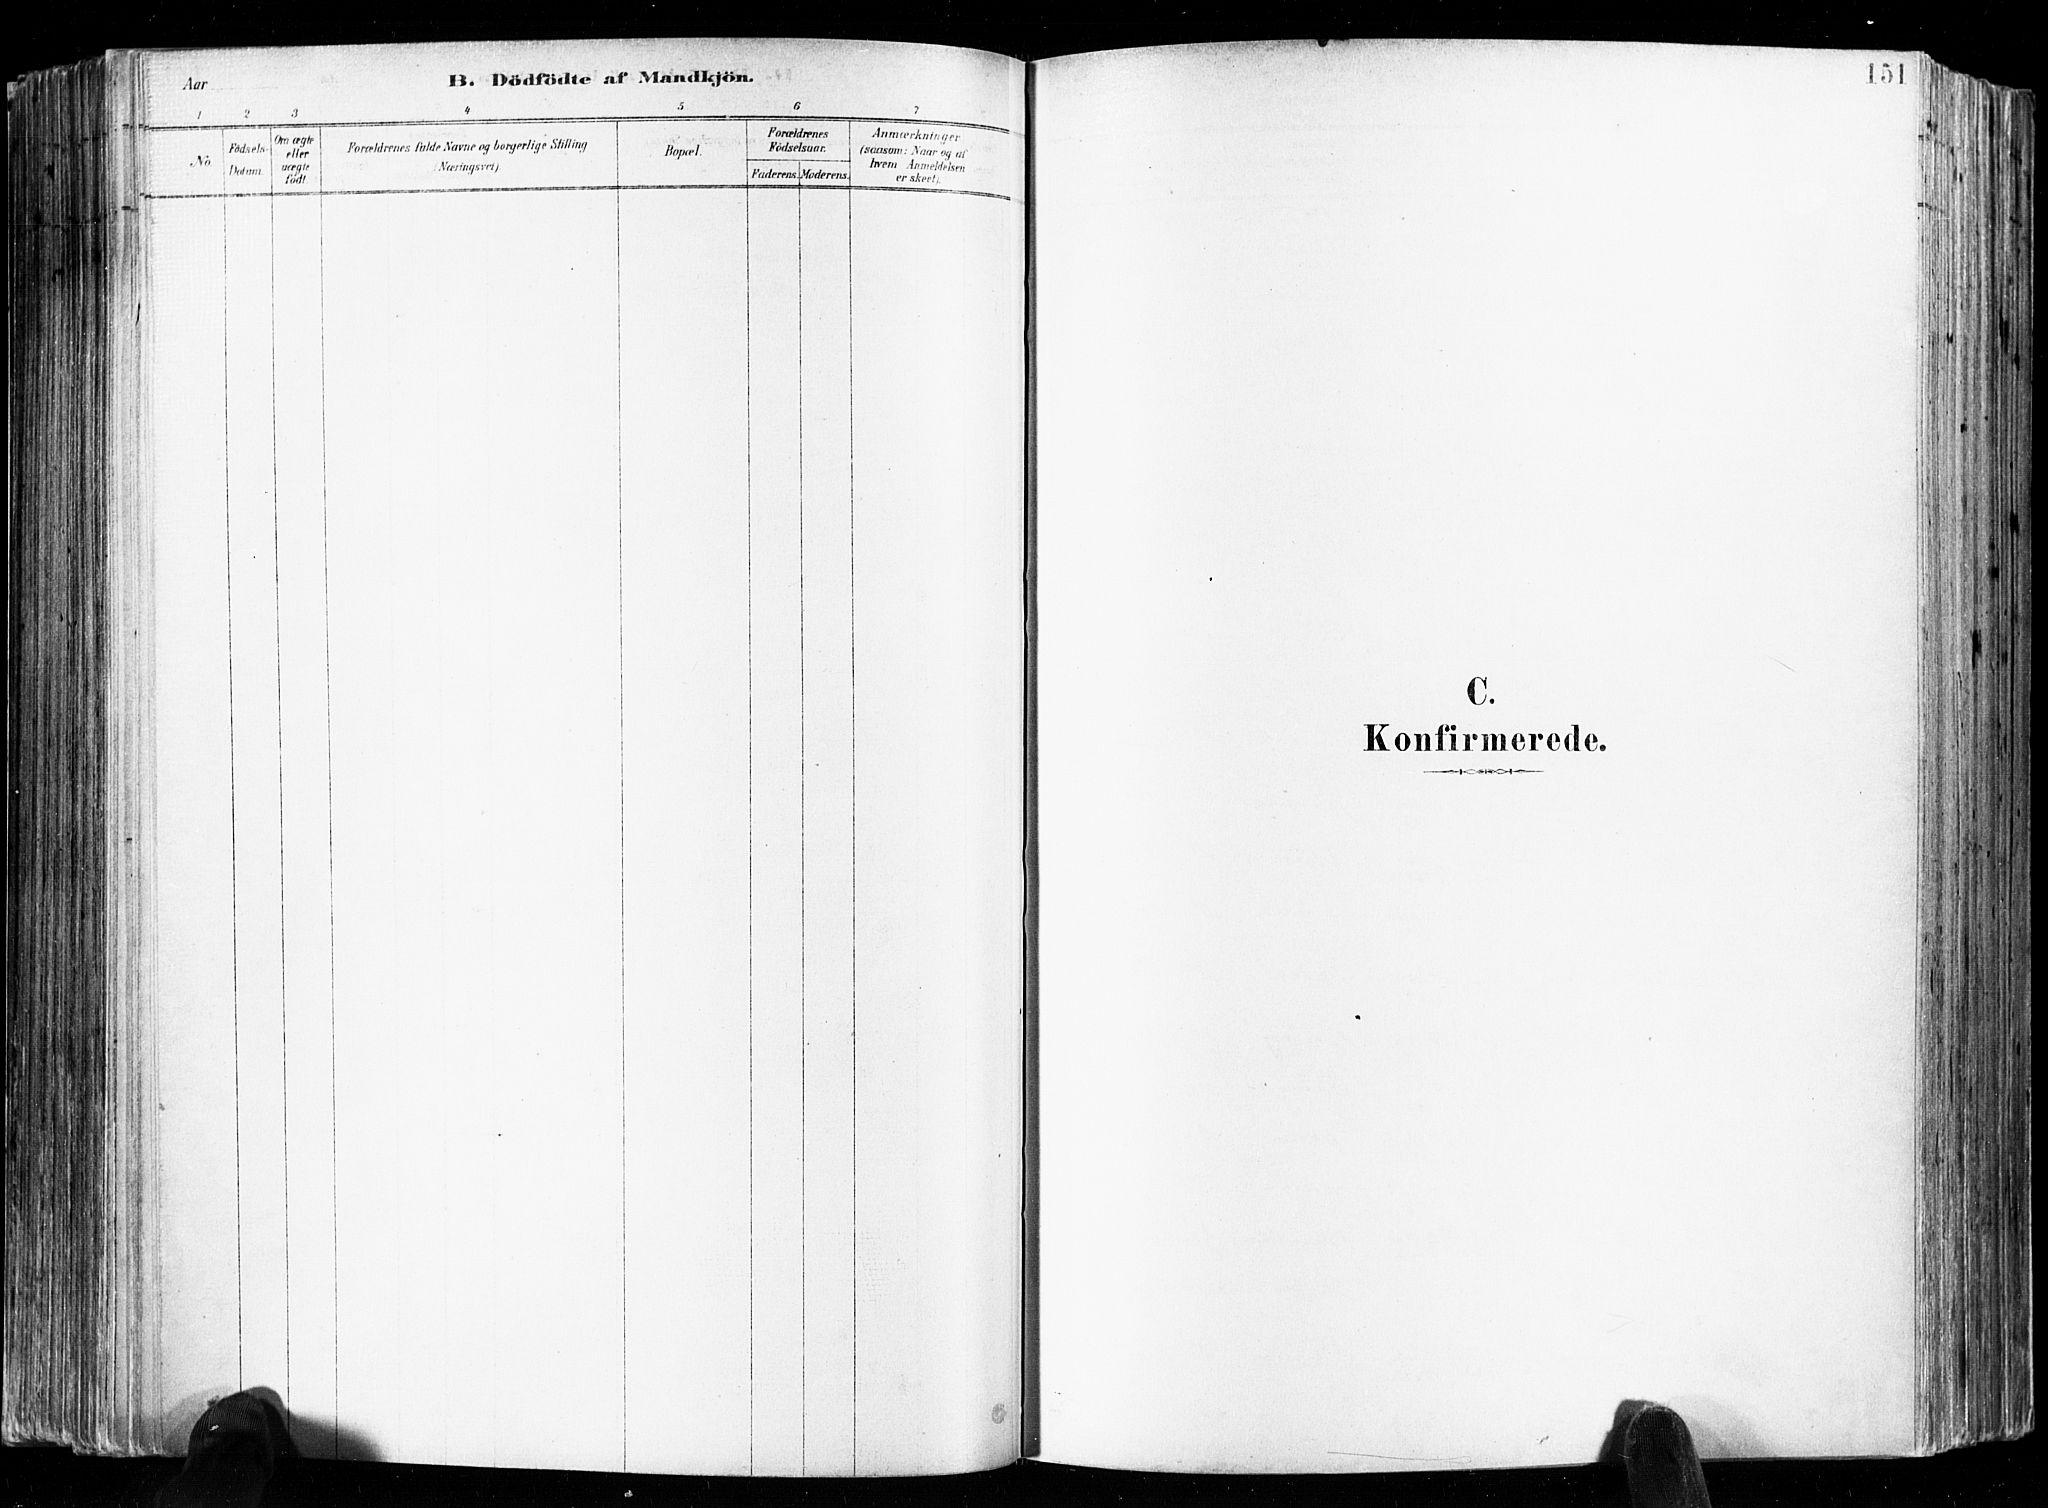 SAKO, Skien kirkebøker, F/Fa/L0009: Ministerialbok nr. 9, 1878-1890, s. 151